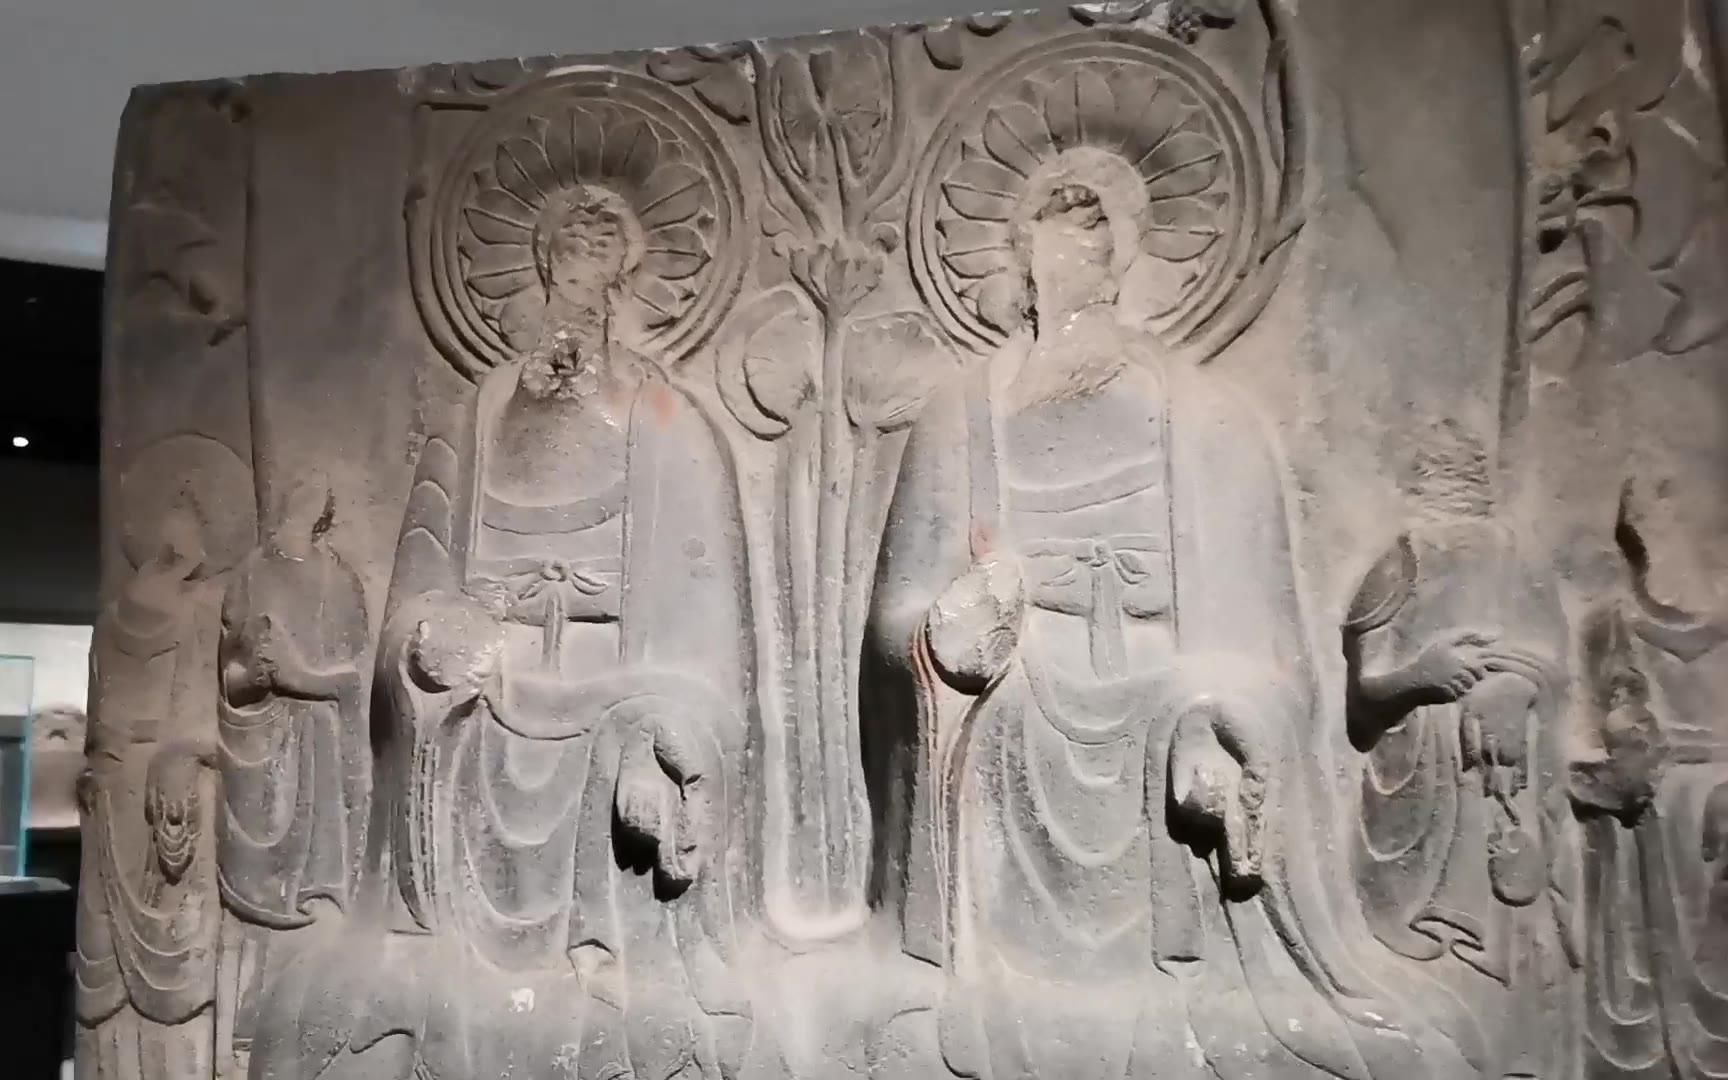 【旅拍vlog】【博物馆之旅】河南博物院馆藏古代石刻艺术展